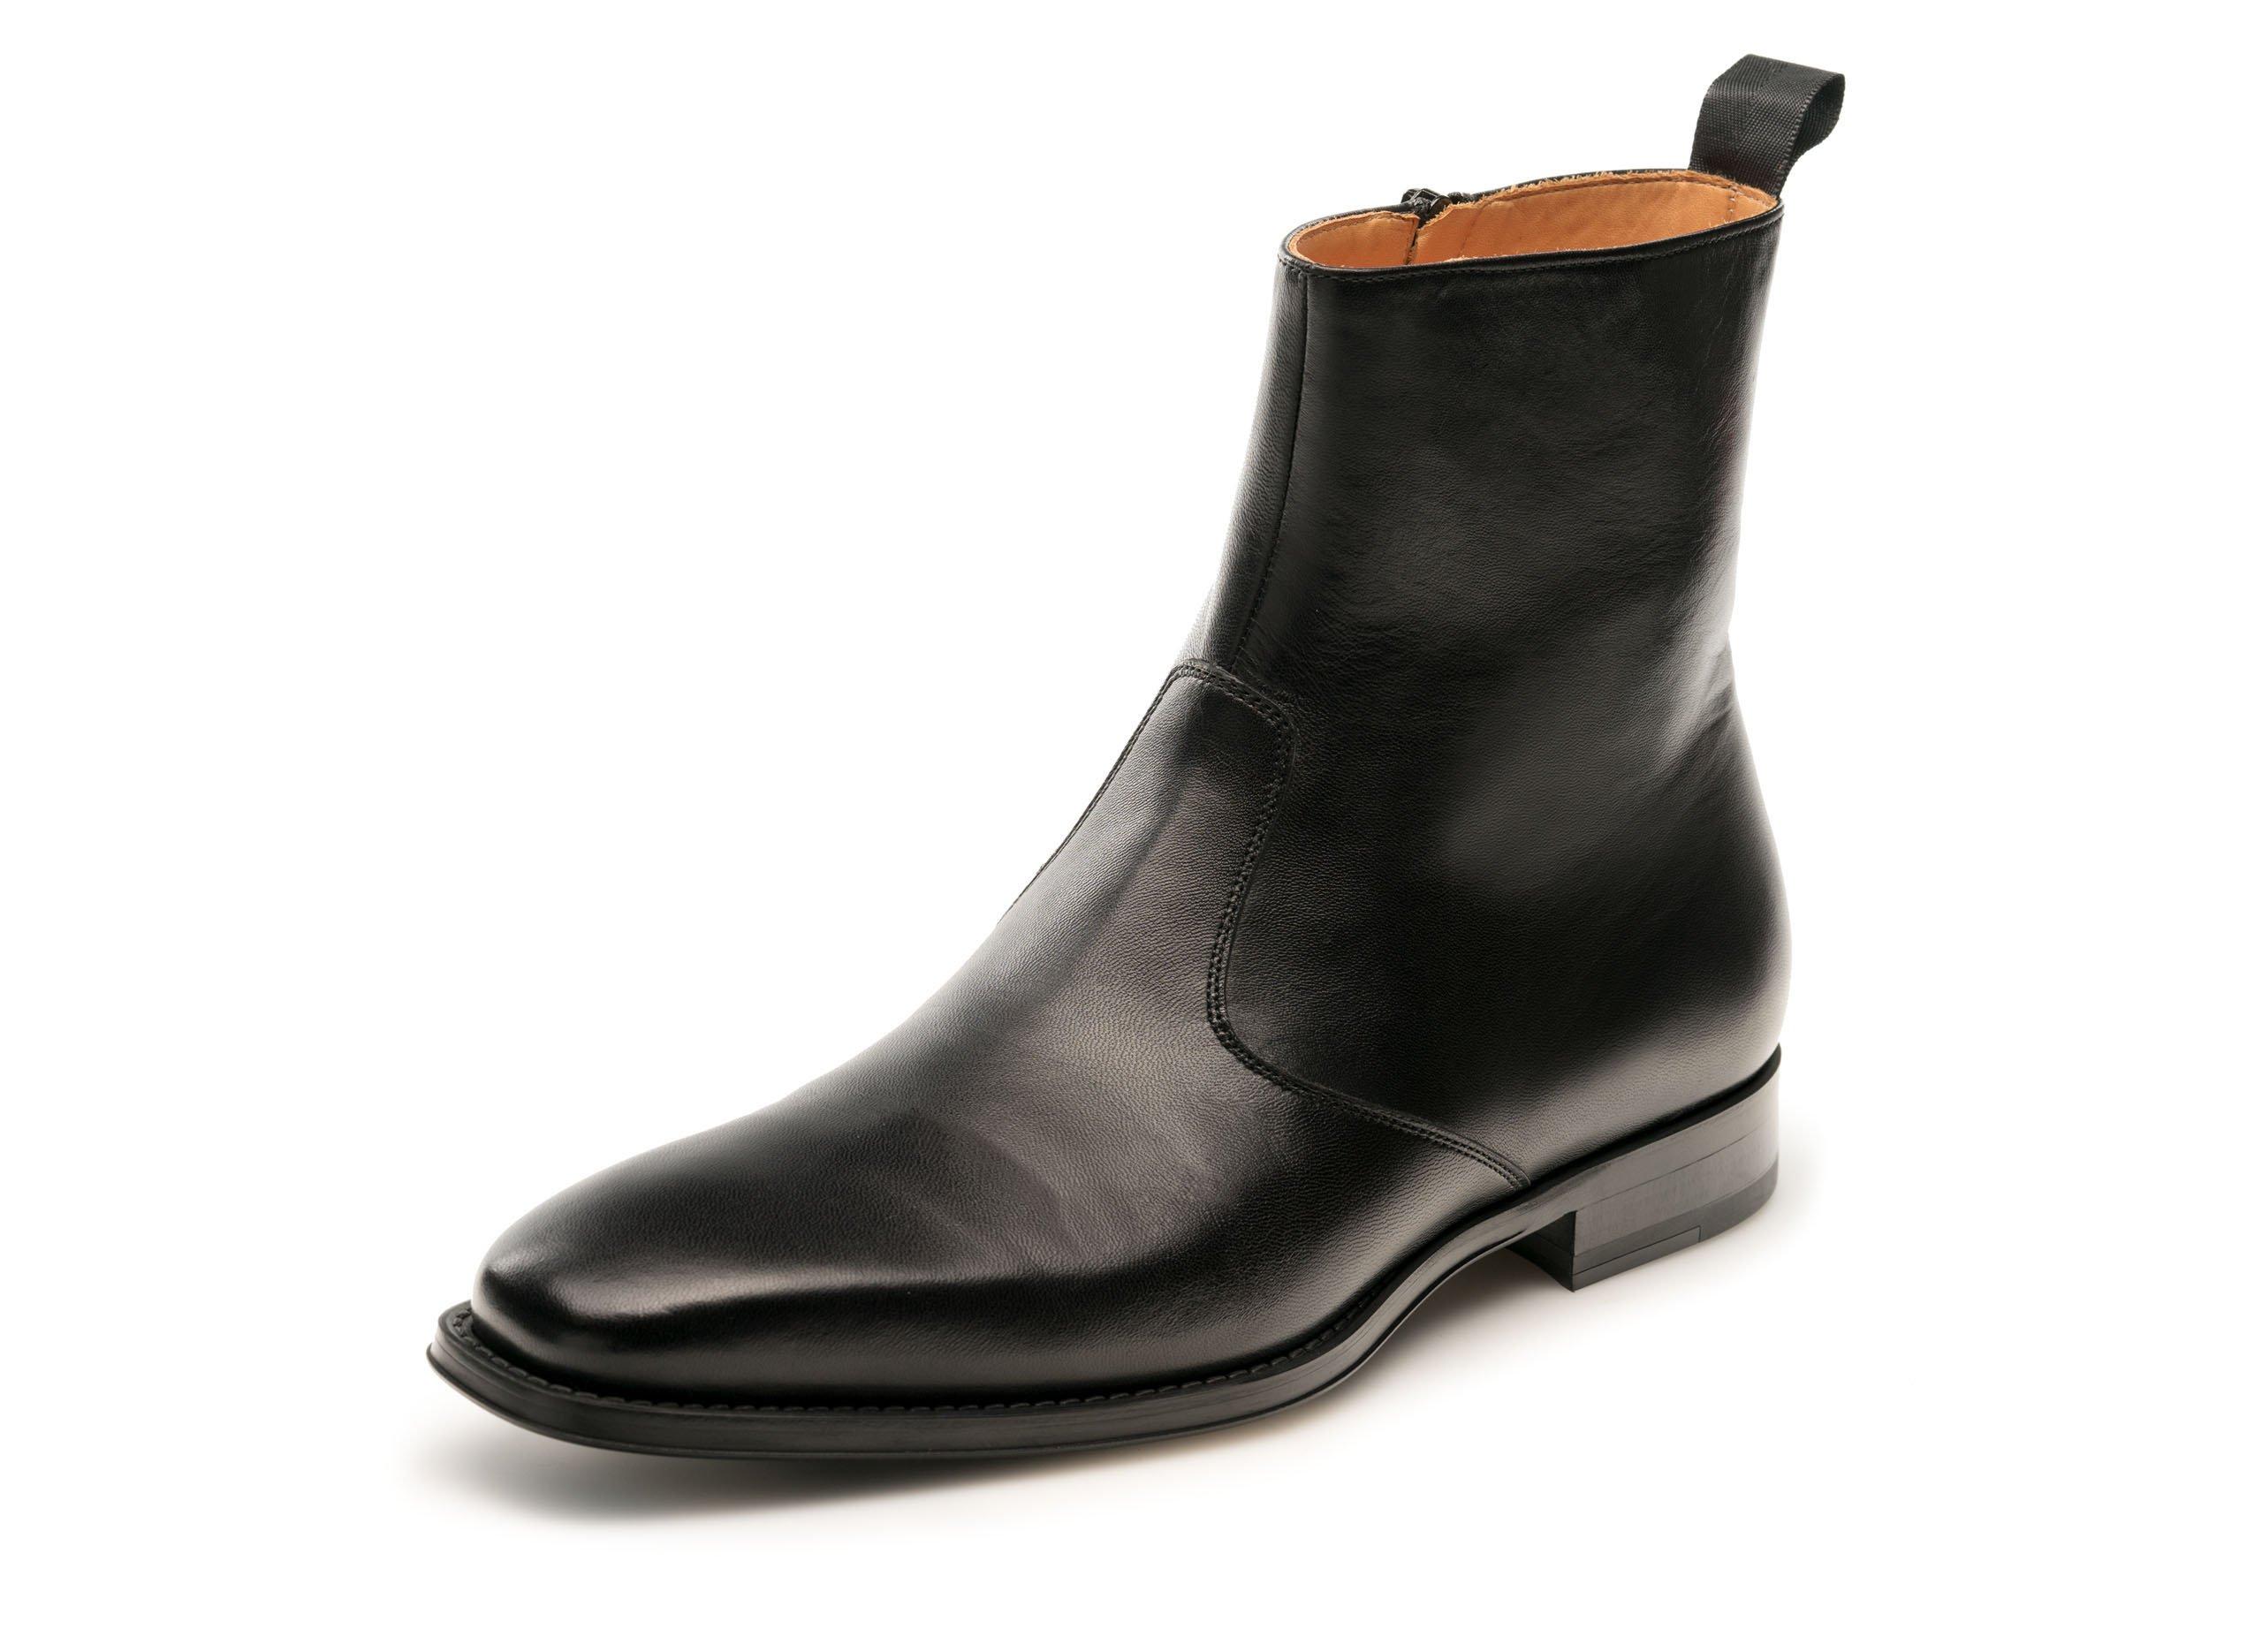 super popular diseño hábil grande descuento venta Magnanni Donosti Black Men's Boots Size 9.5 US on Galleon Philippines